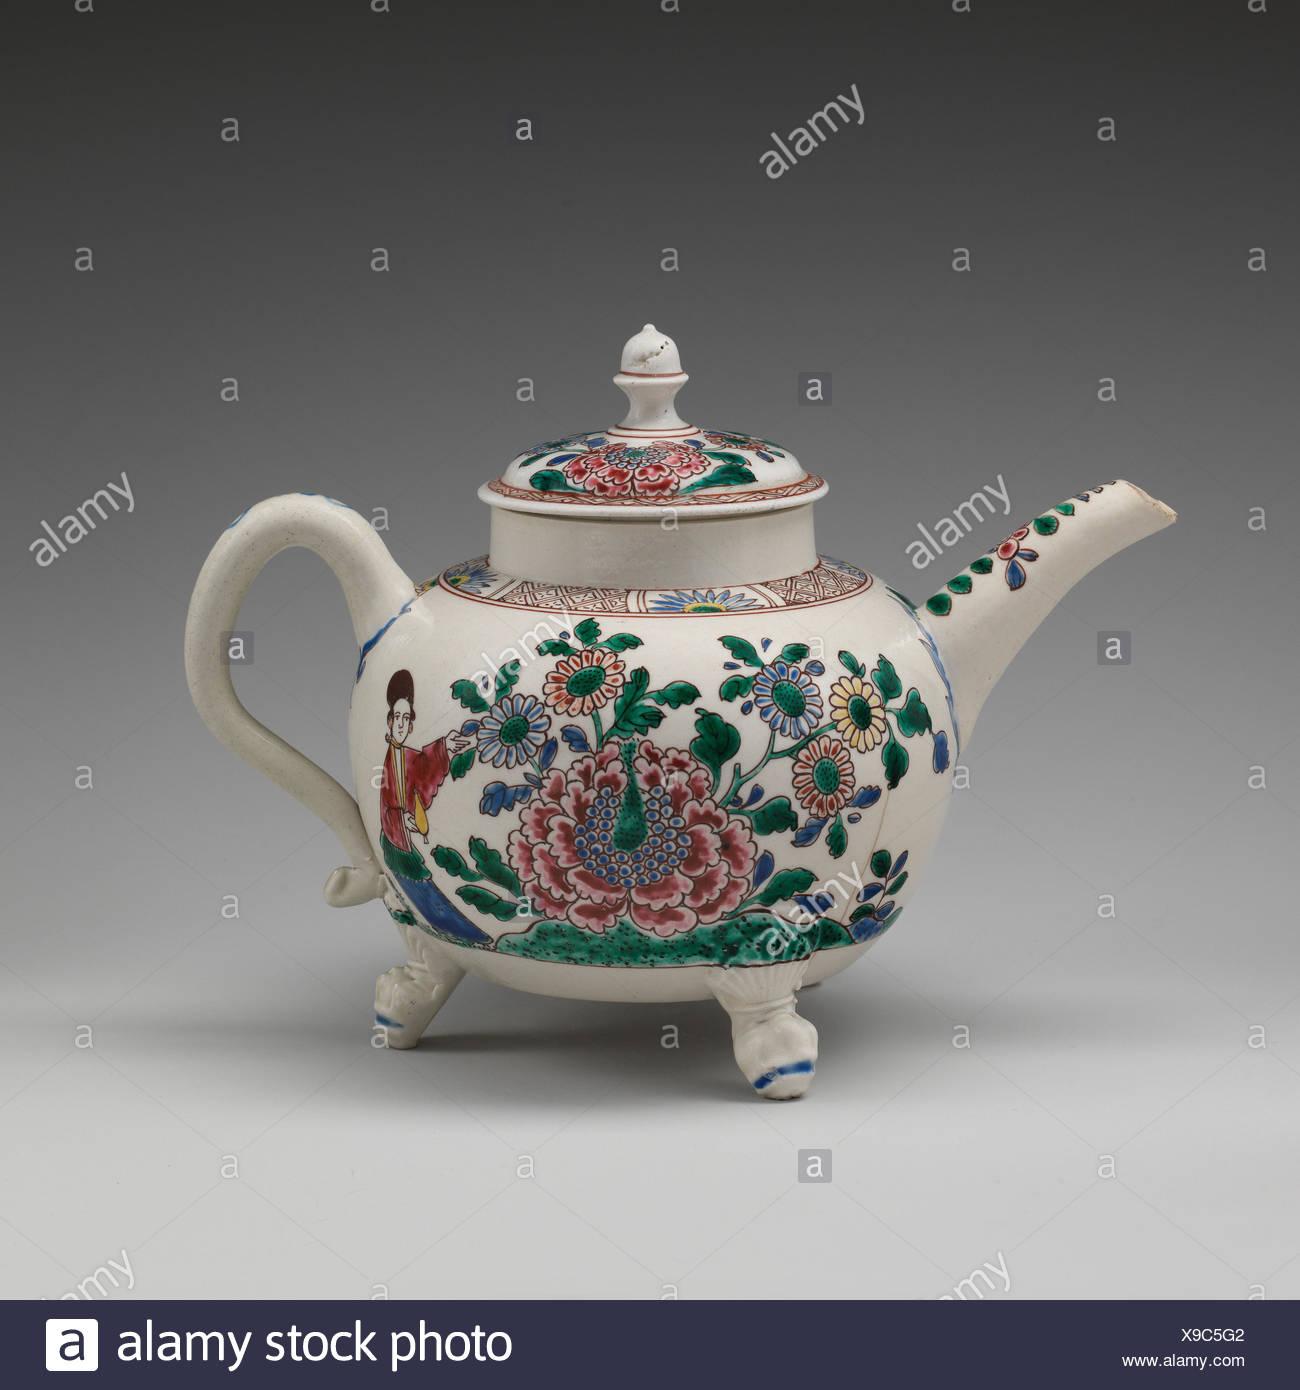 Teekanne. Datum: Ca. 1750-60; Kultur: Britische, Staffordshire; Medium: Salz - glasiert Steinzeug; Abmessungen: Insgesamt: 5 5/8 x 7 3/4 in. (14,3 x 19,7 cm); Stockbild